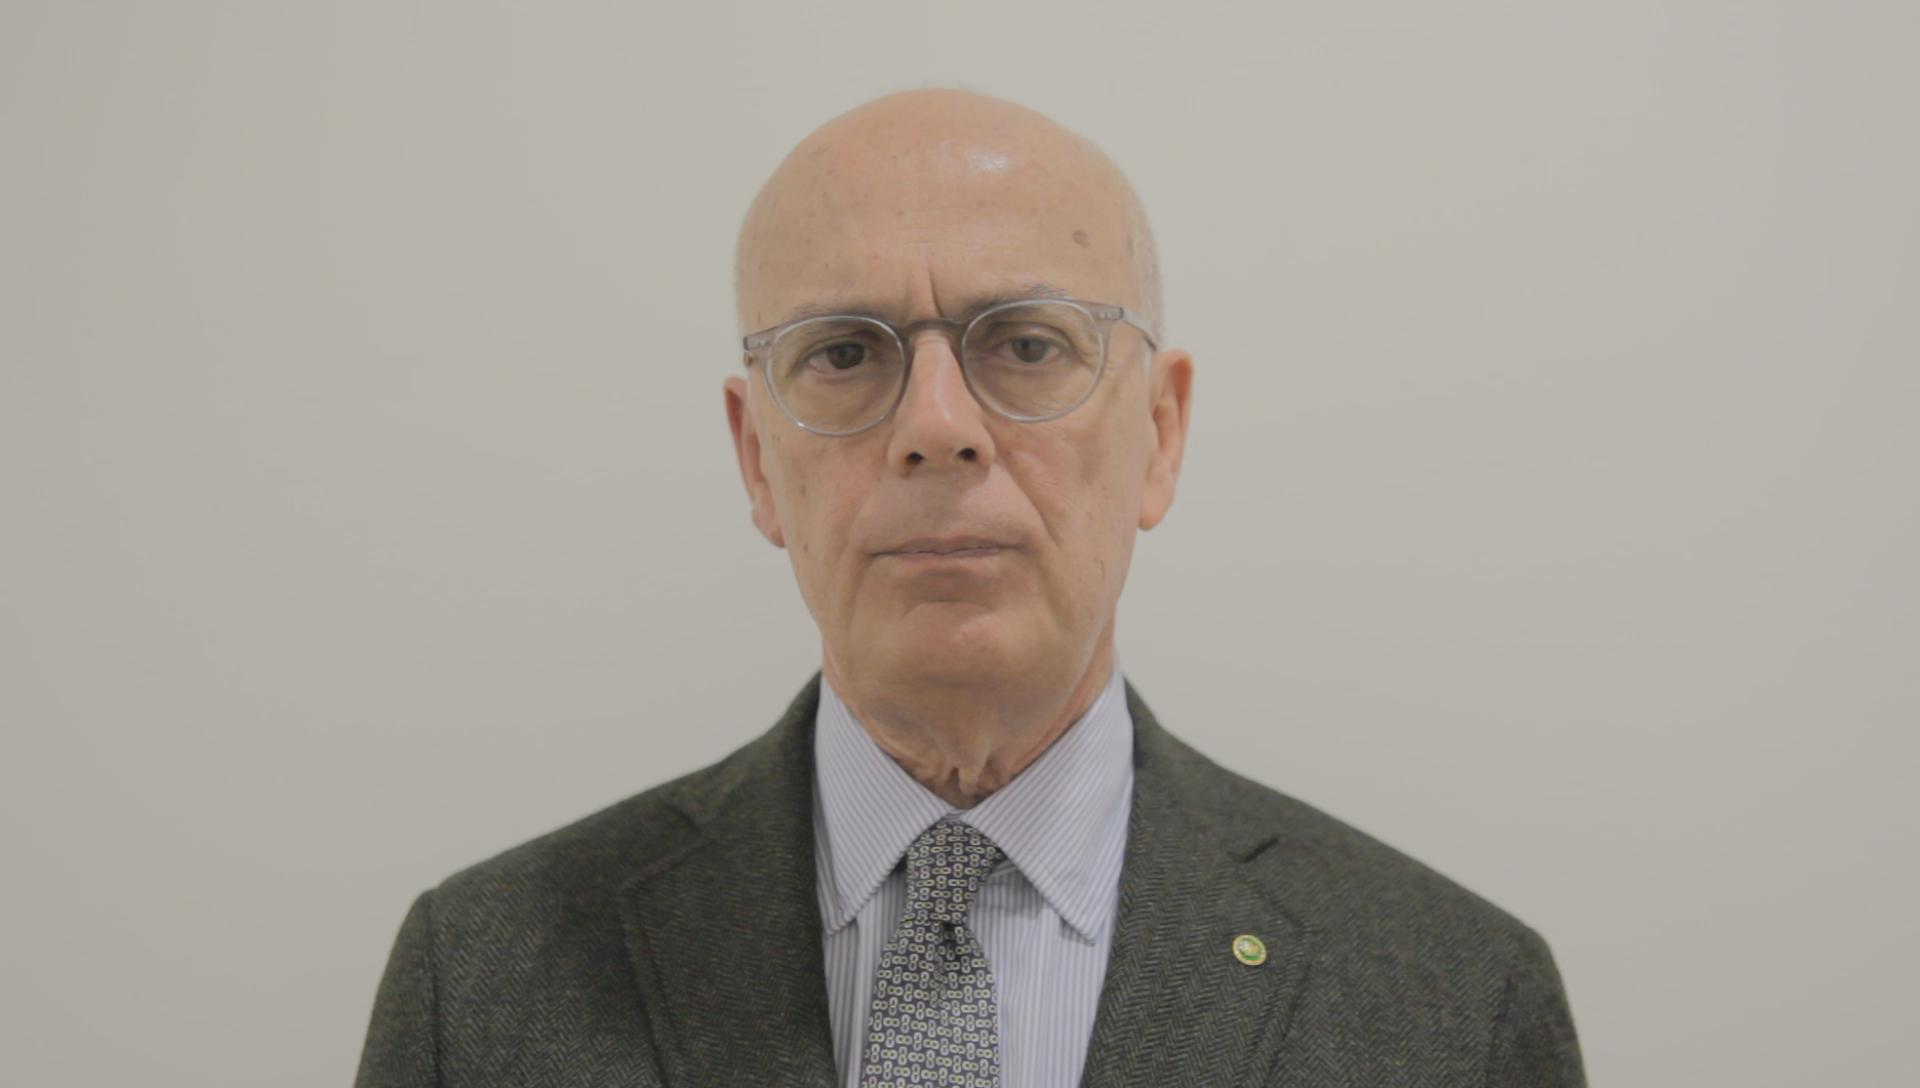 Retina2020, retinopatia diabetica. Prof.  Bandello:  'Ancora pochi gli screening'